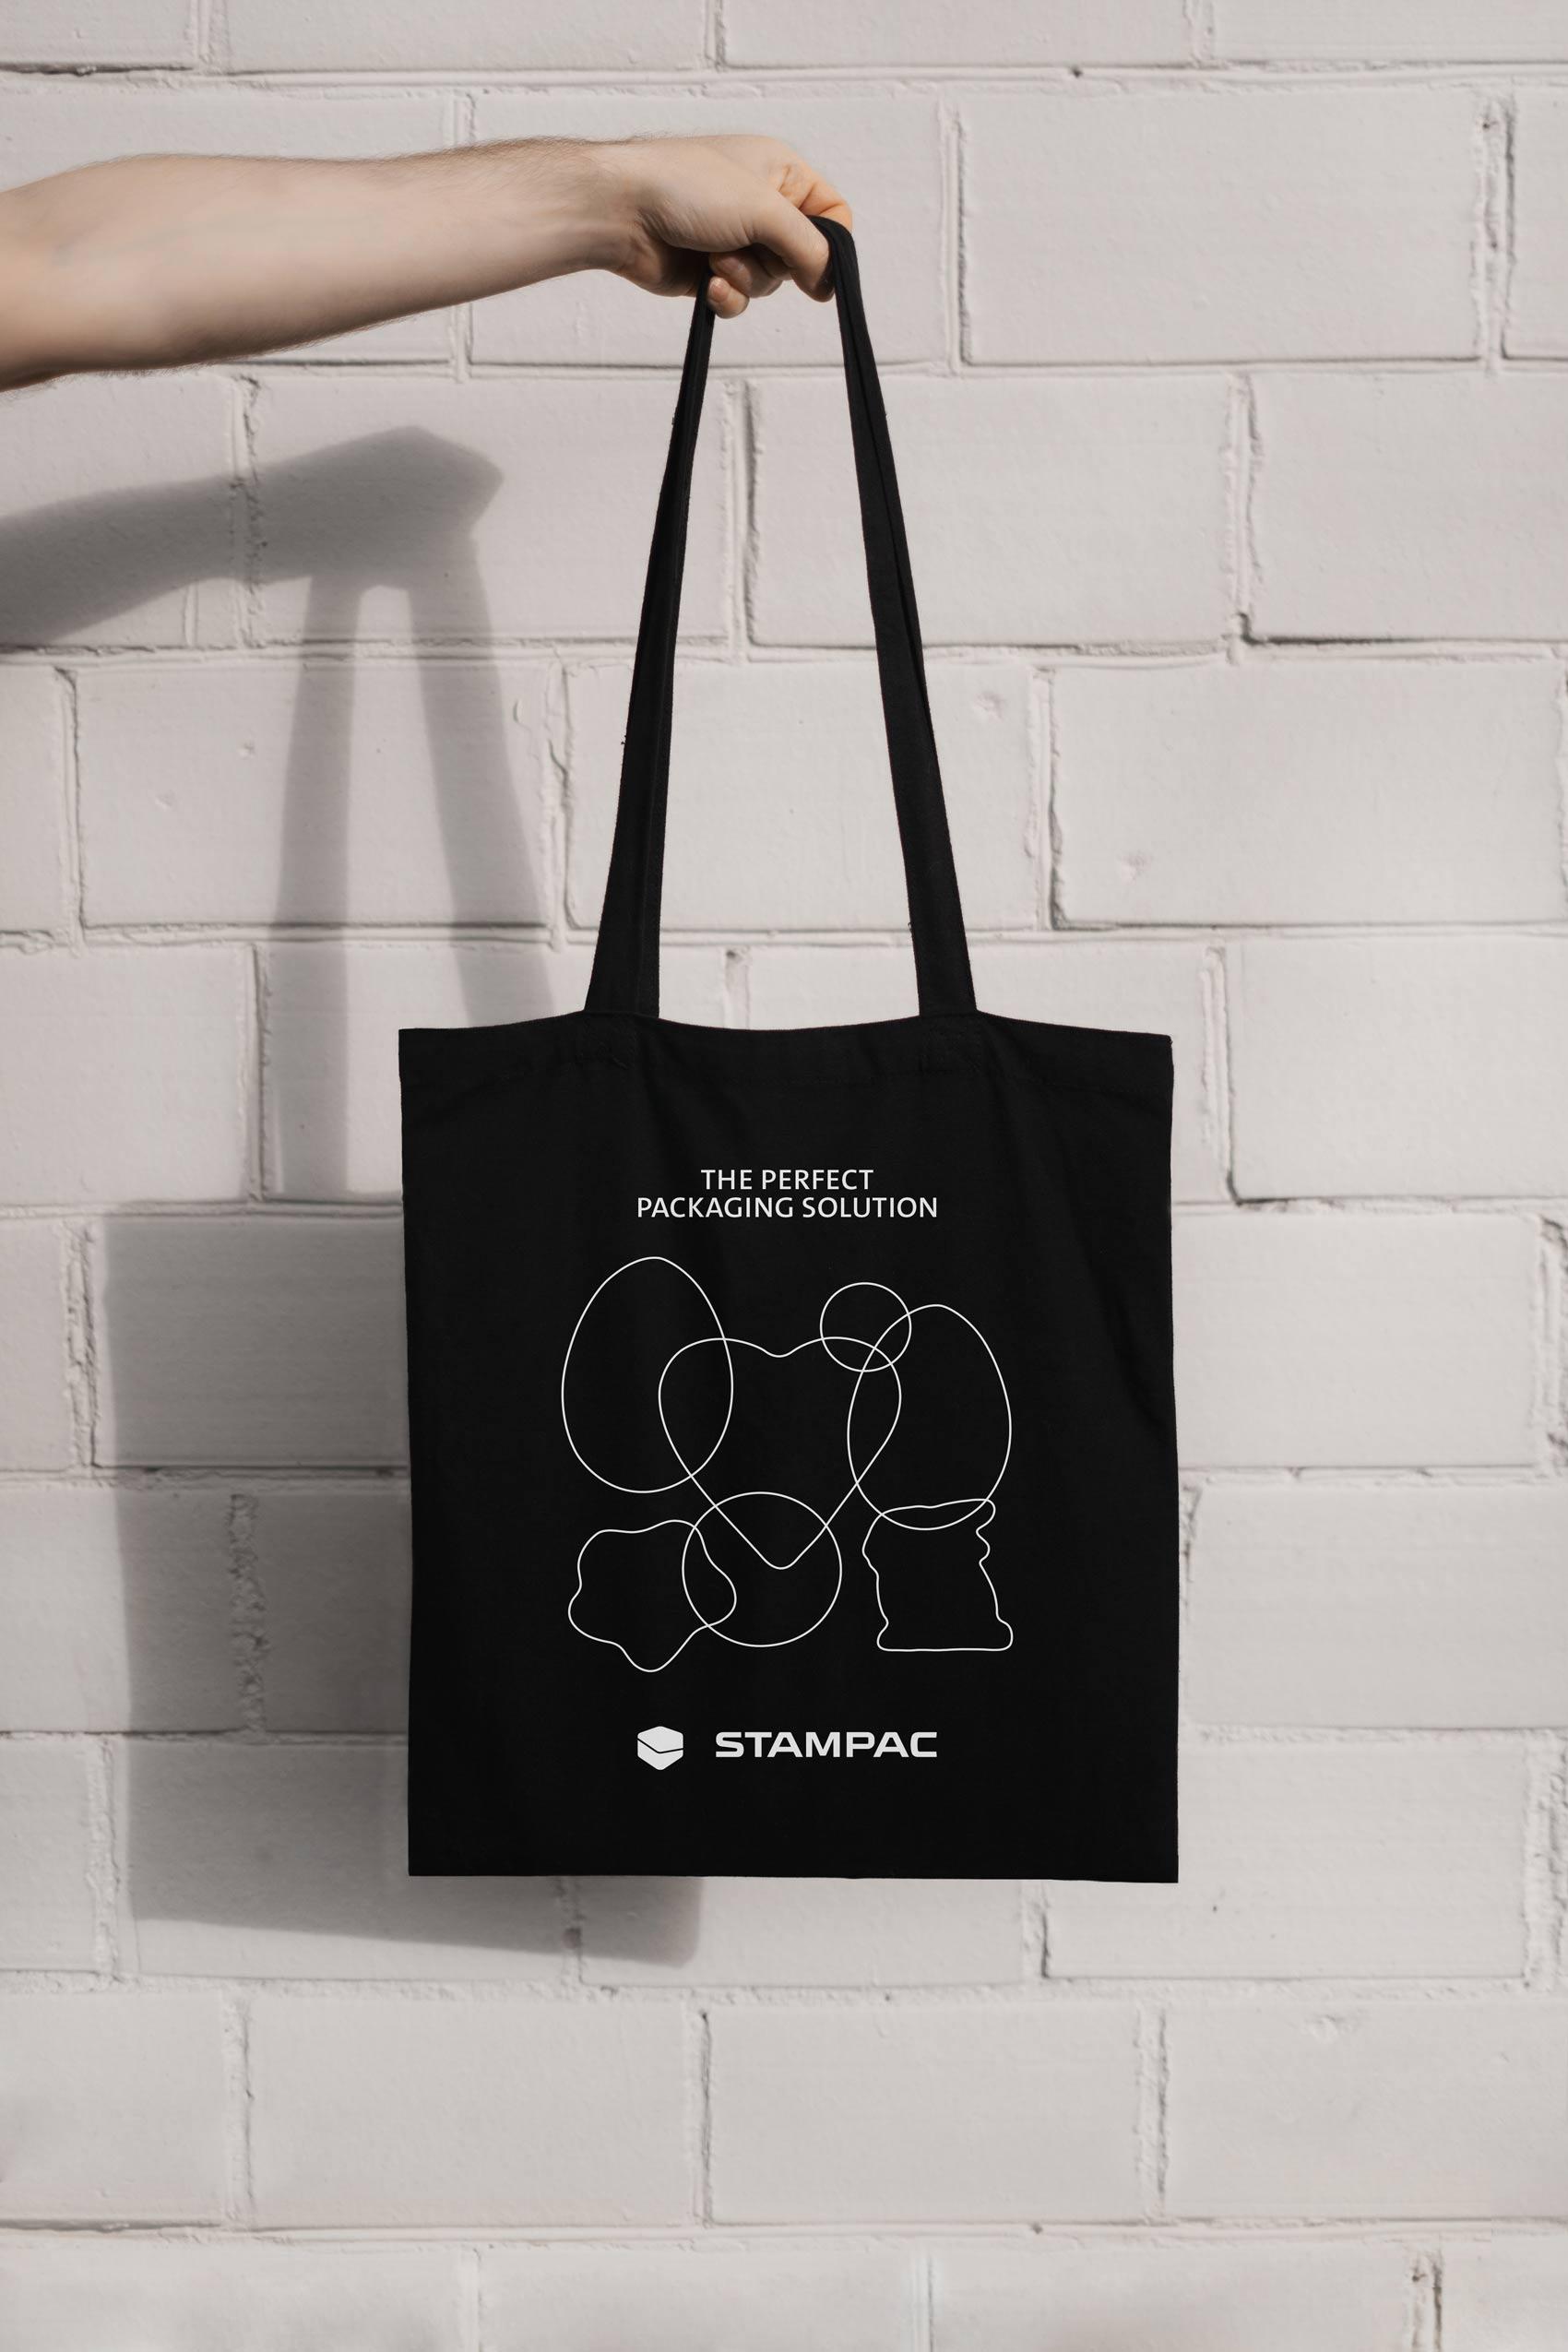 Tasche für Messeartikel und Werbung mit minimalistischem Aufdruck